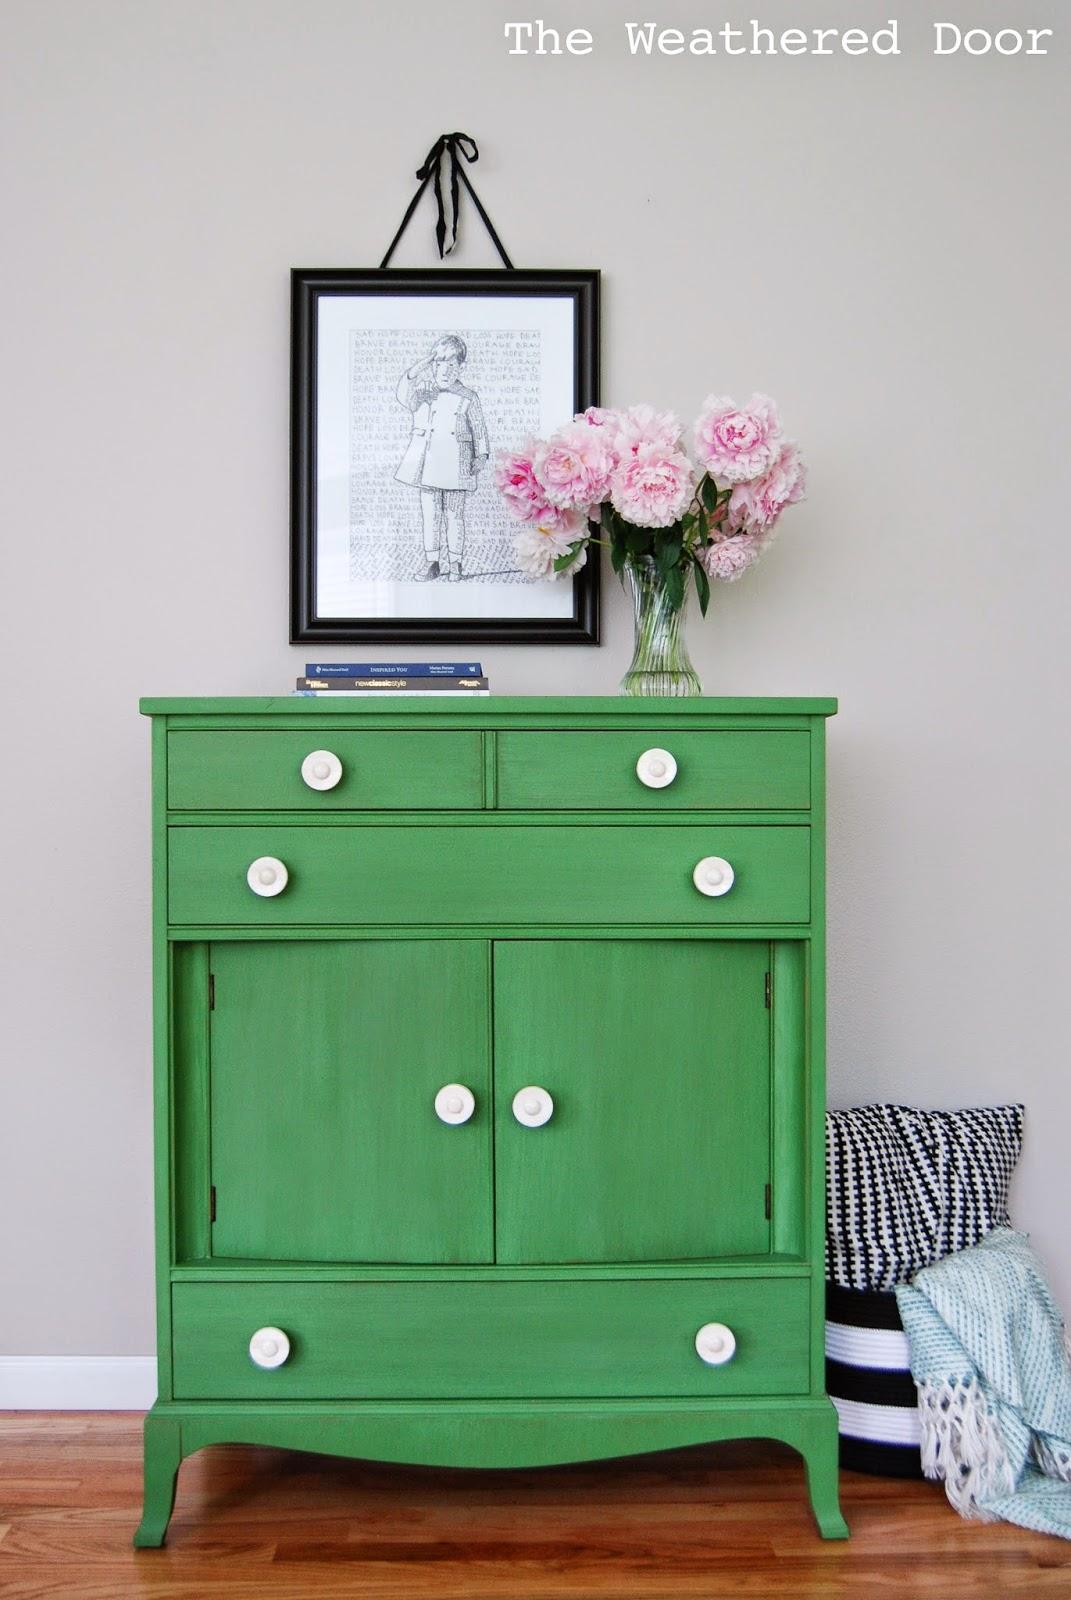 Tavern Green Milk Paint Dresser WD-1